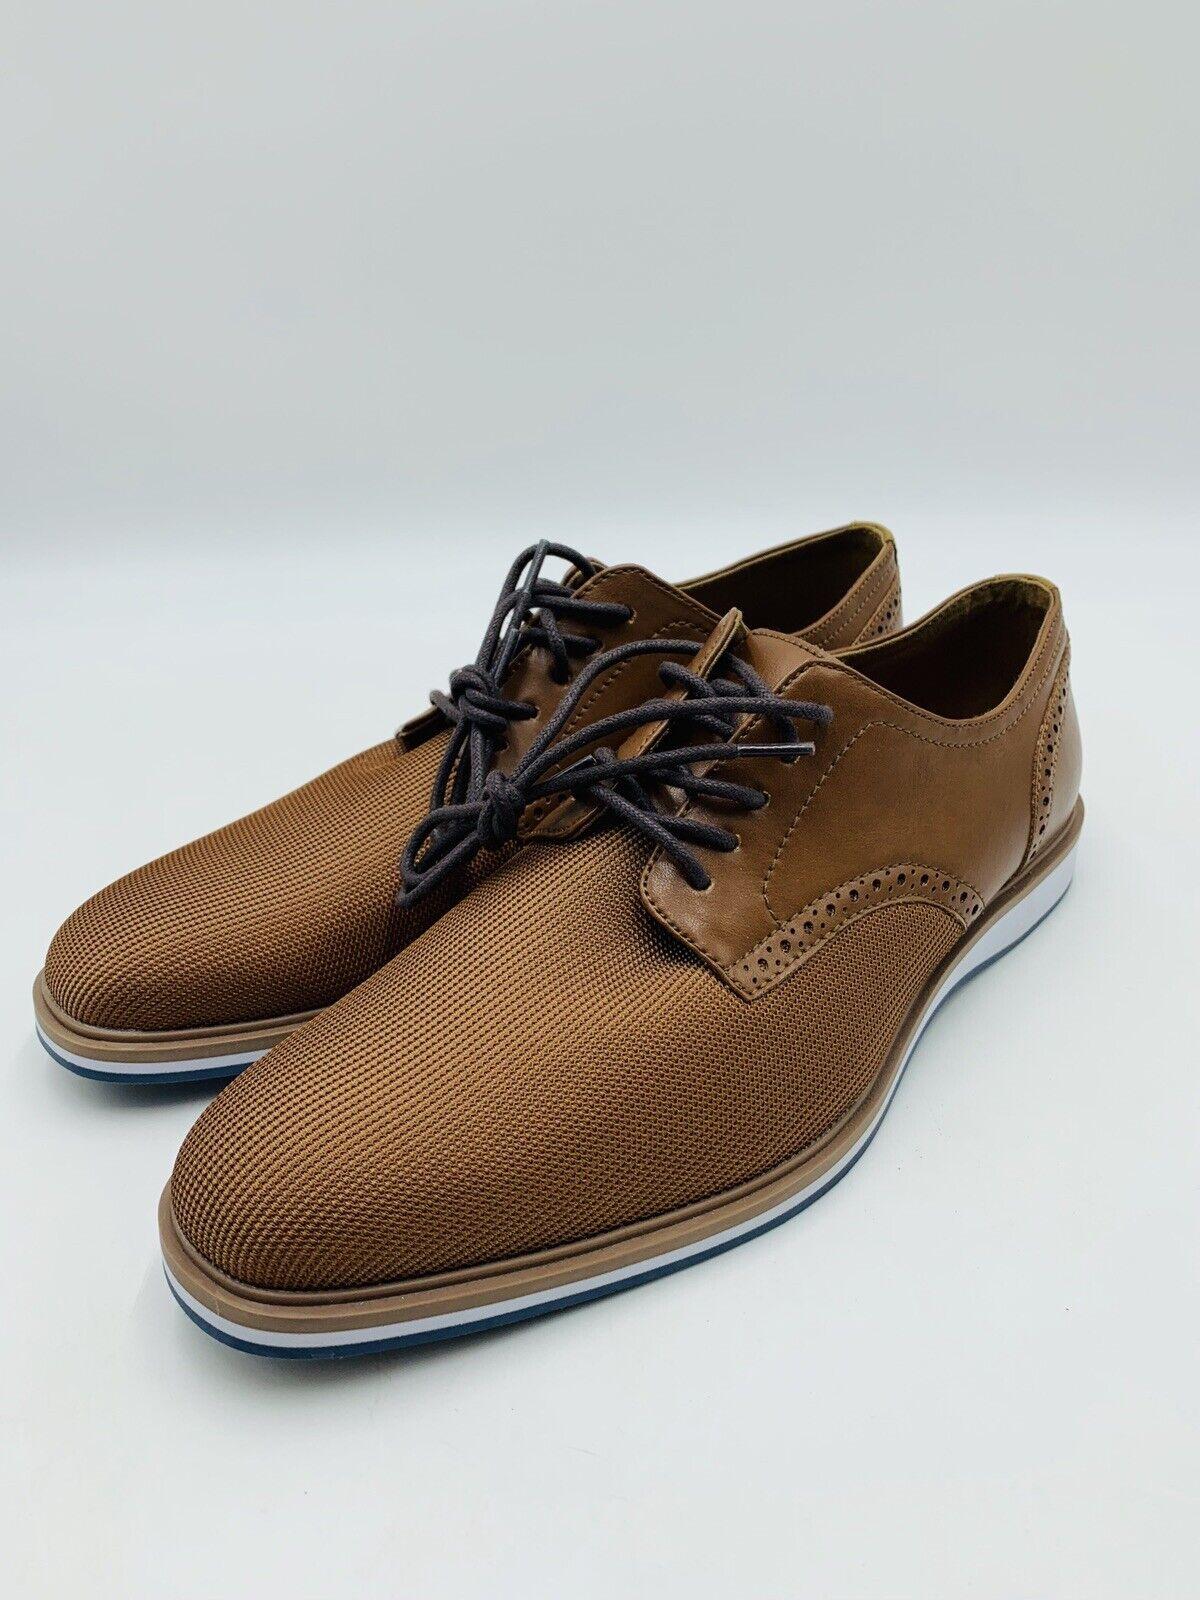 Aldo, hombre americano, 7,5, 1972. Zapatos de esmoquin de dos Colors marróns.